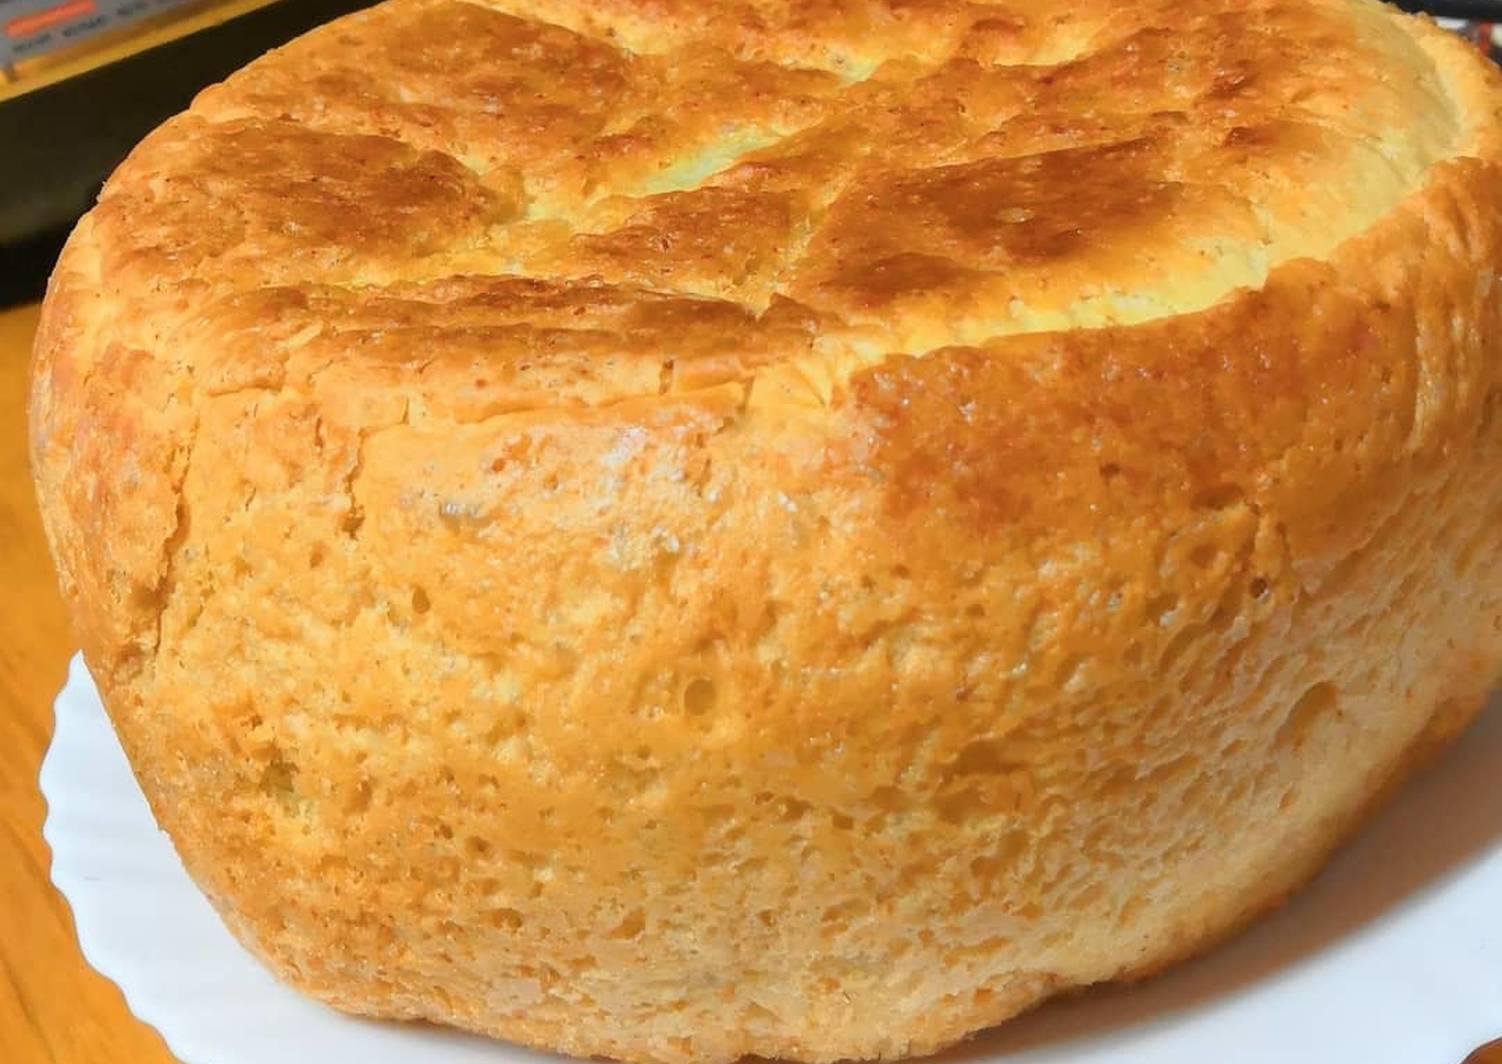 впоследствии выяснилось, хлеб в мультиварке марта рецепты с фото корову проезжей